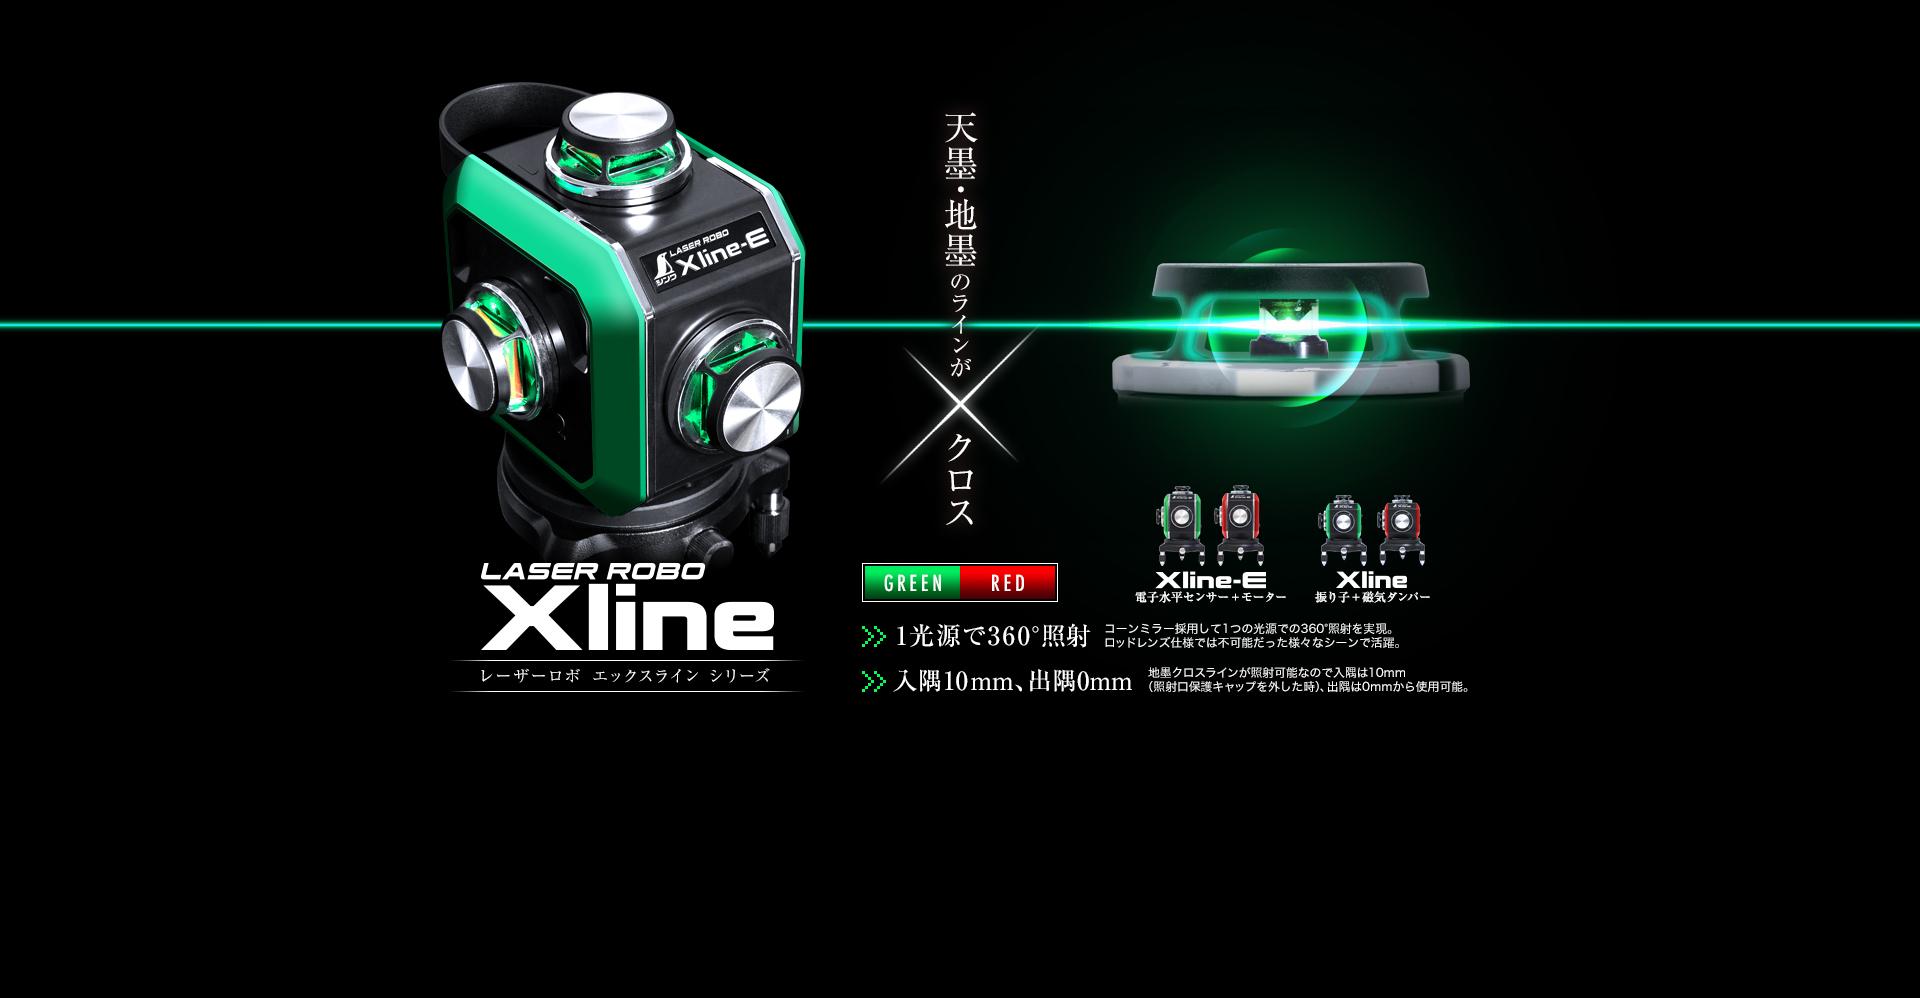 レーザーロボ X lineシリーズ